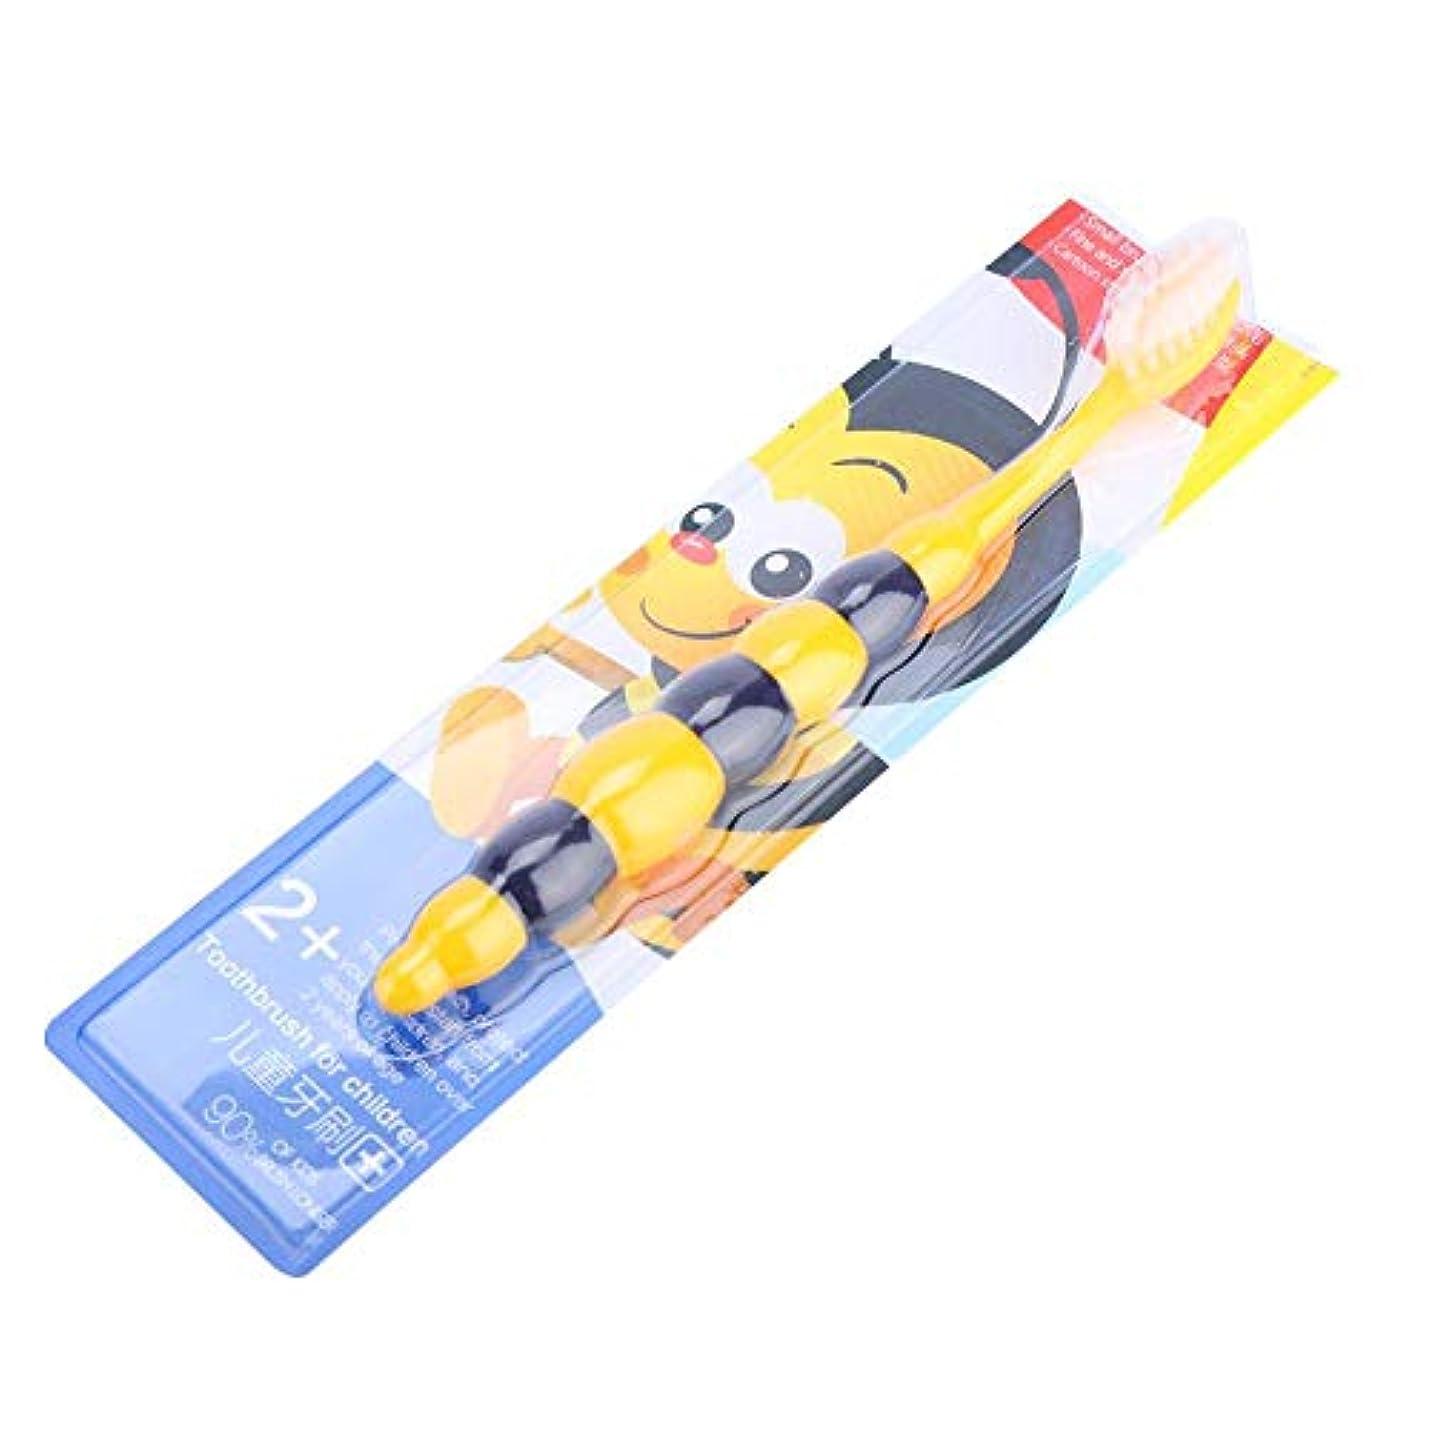 毎日プレーヤーツール子供の柔らかい髪の歯ブラシの子供かわいいクリーニングの歯ブラシオーラルケアツール(黄色い蜂)